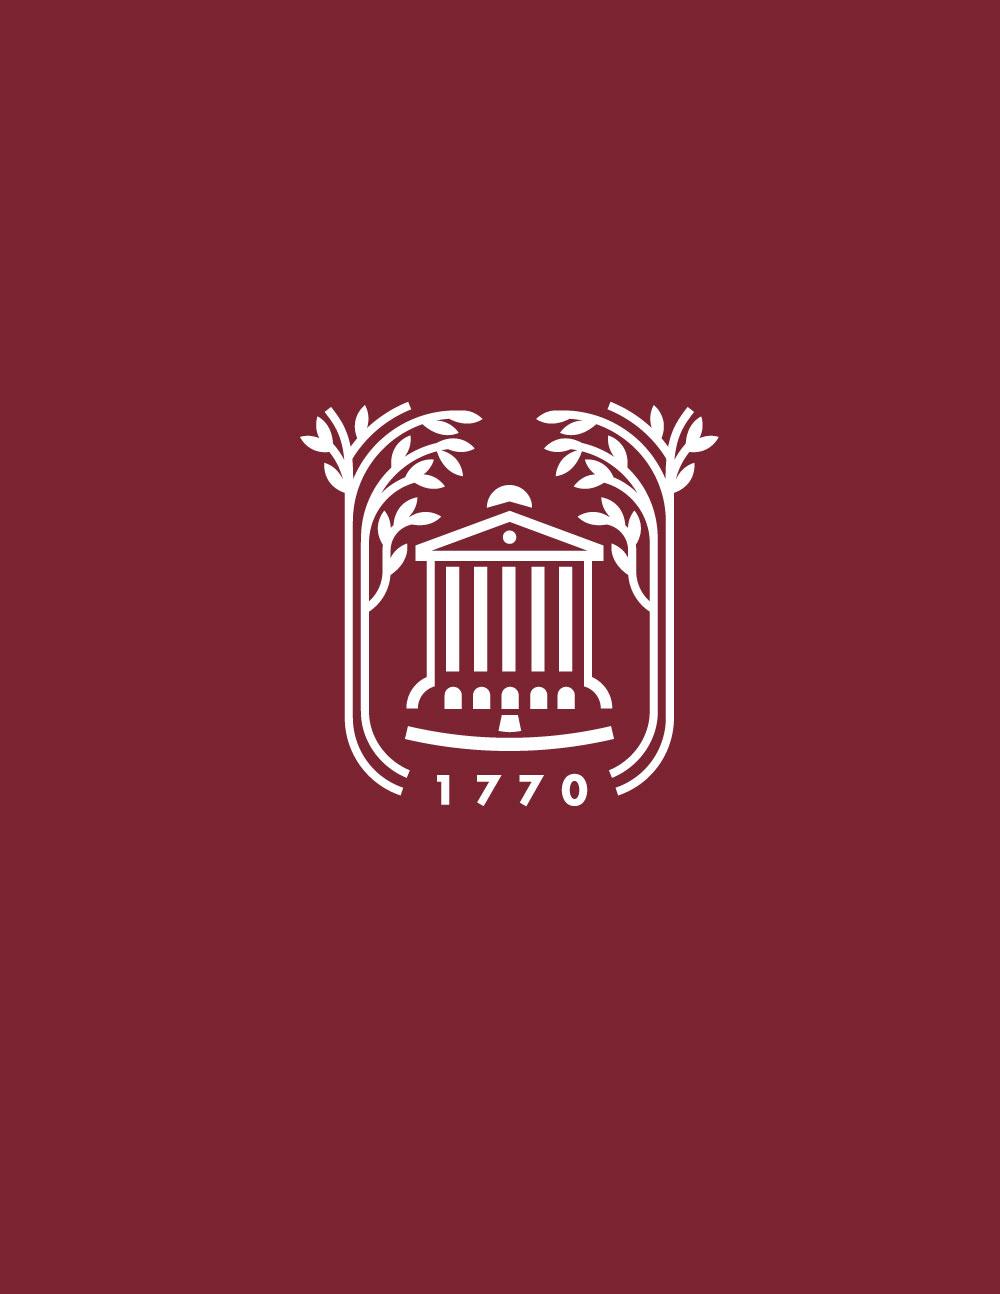 COC-logo-academic-logo